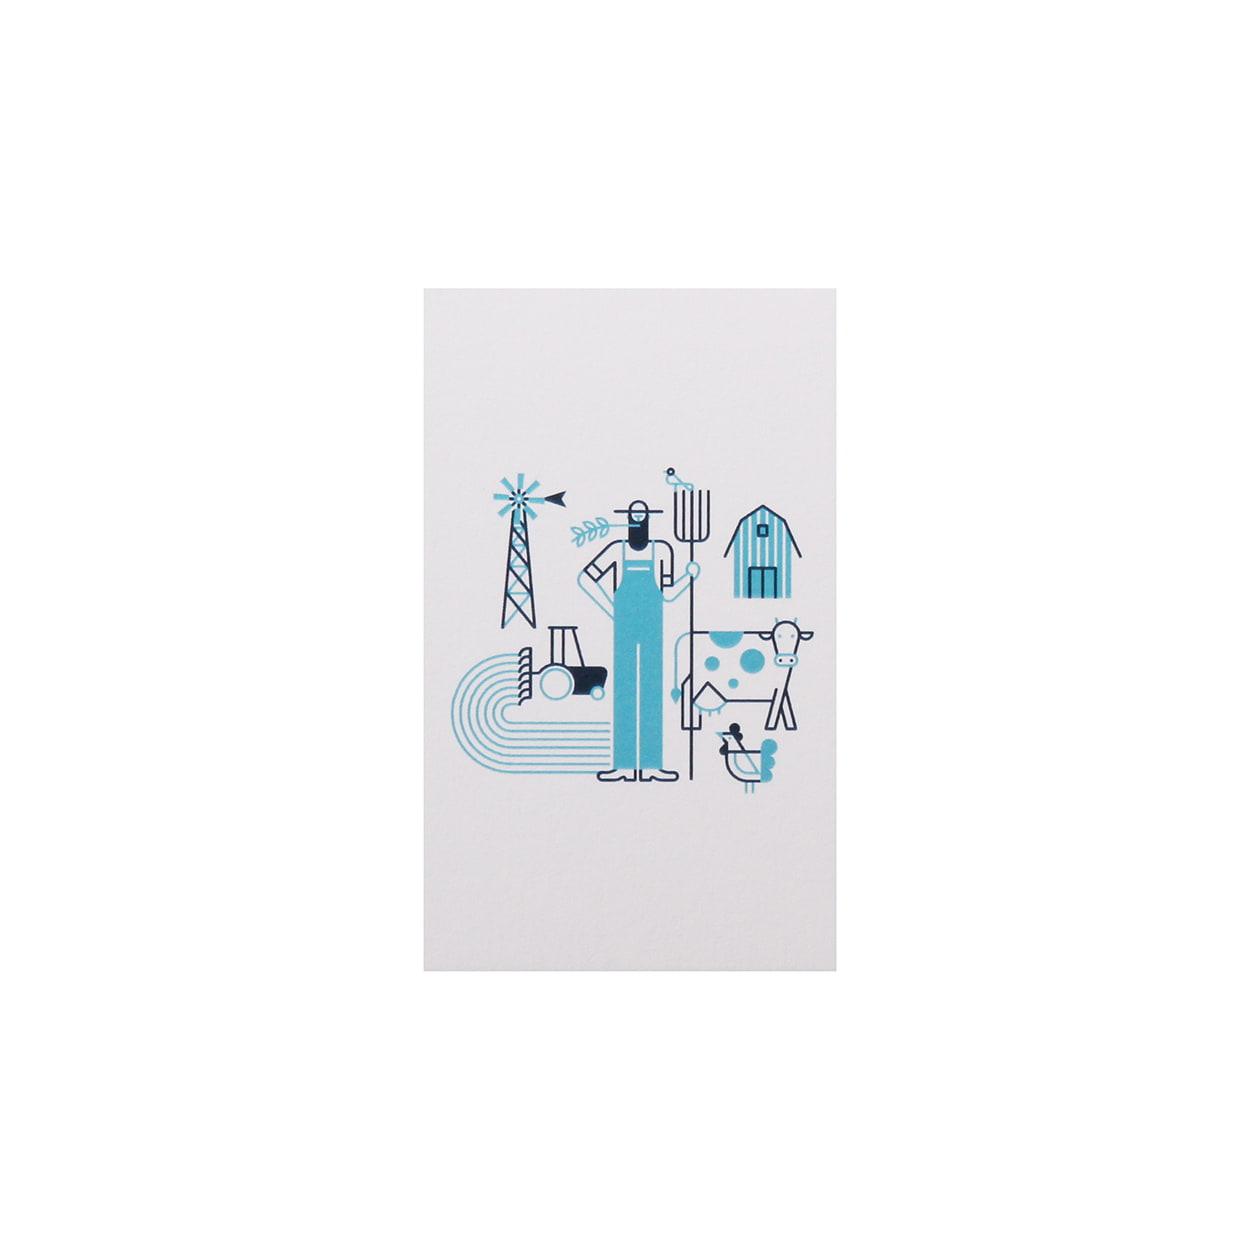 サンプル カード・シート 00307